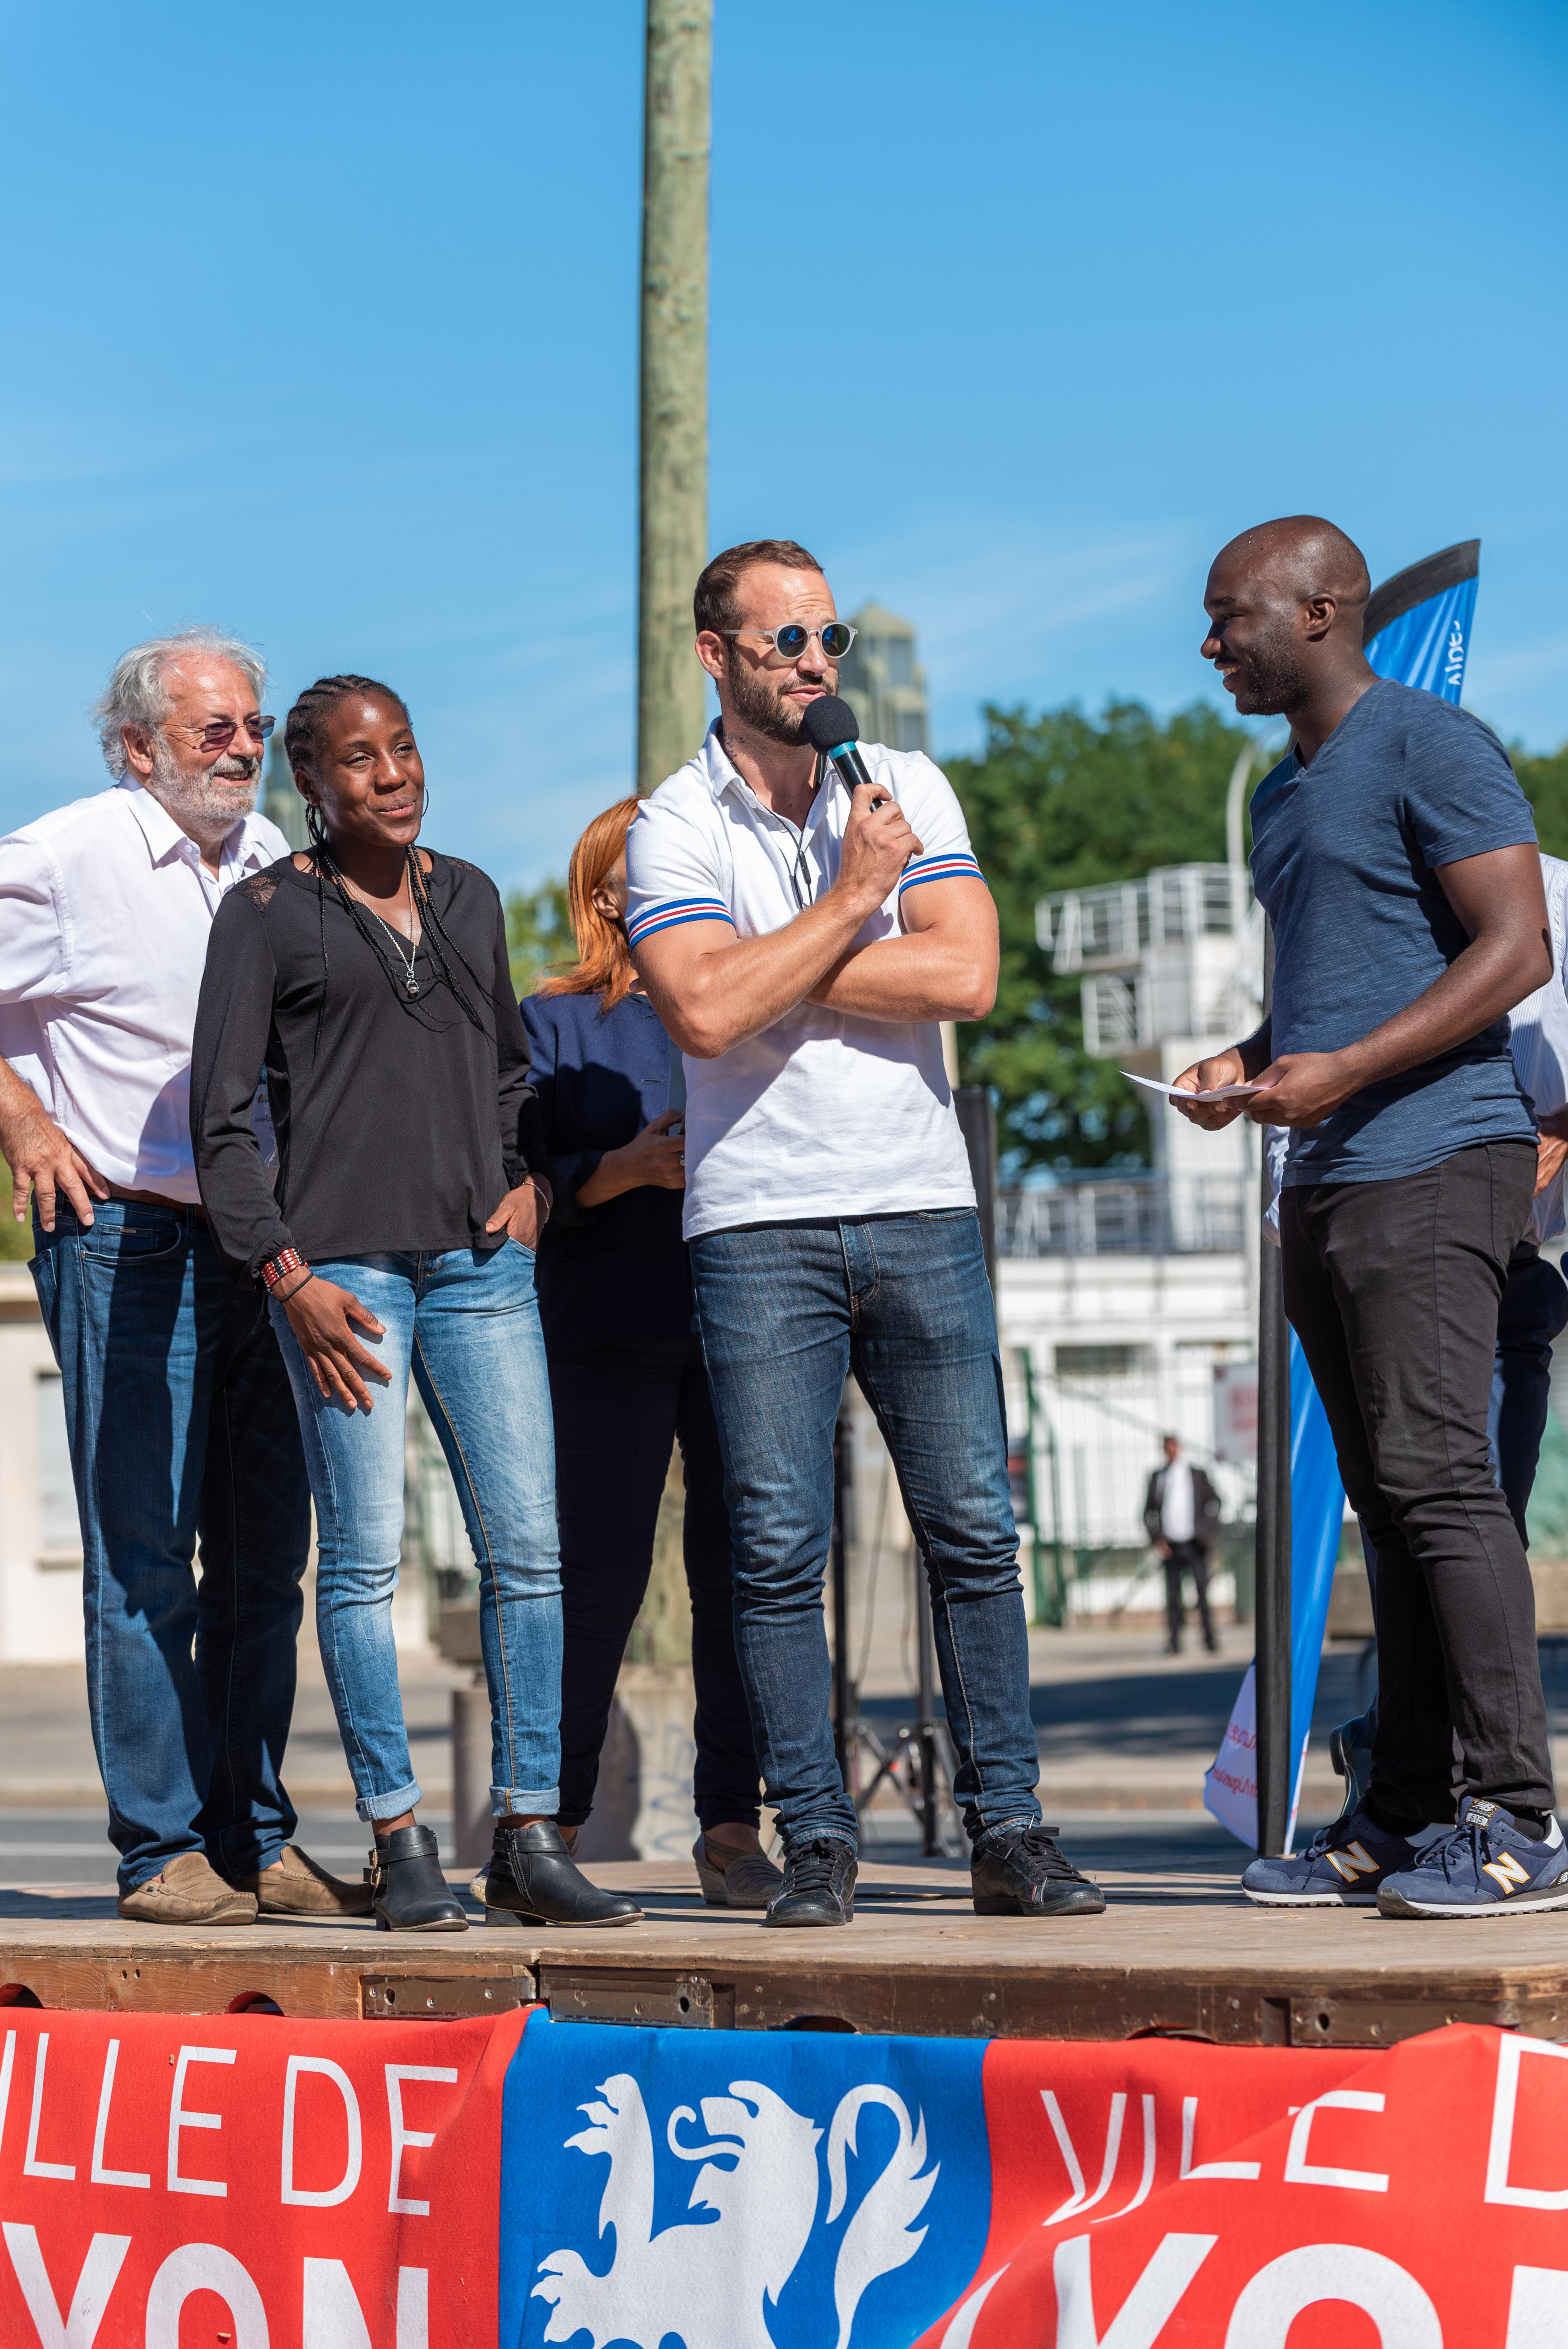 La Course de la Diversité 2019 LCDLD Lyon